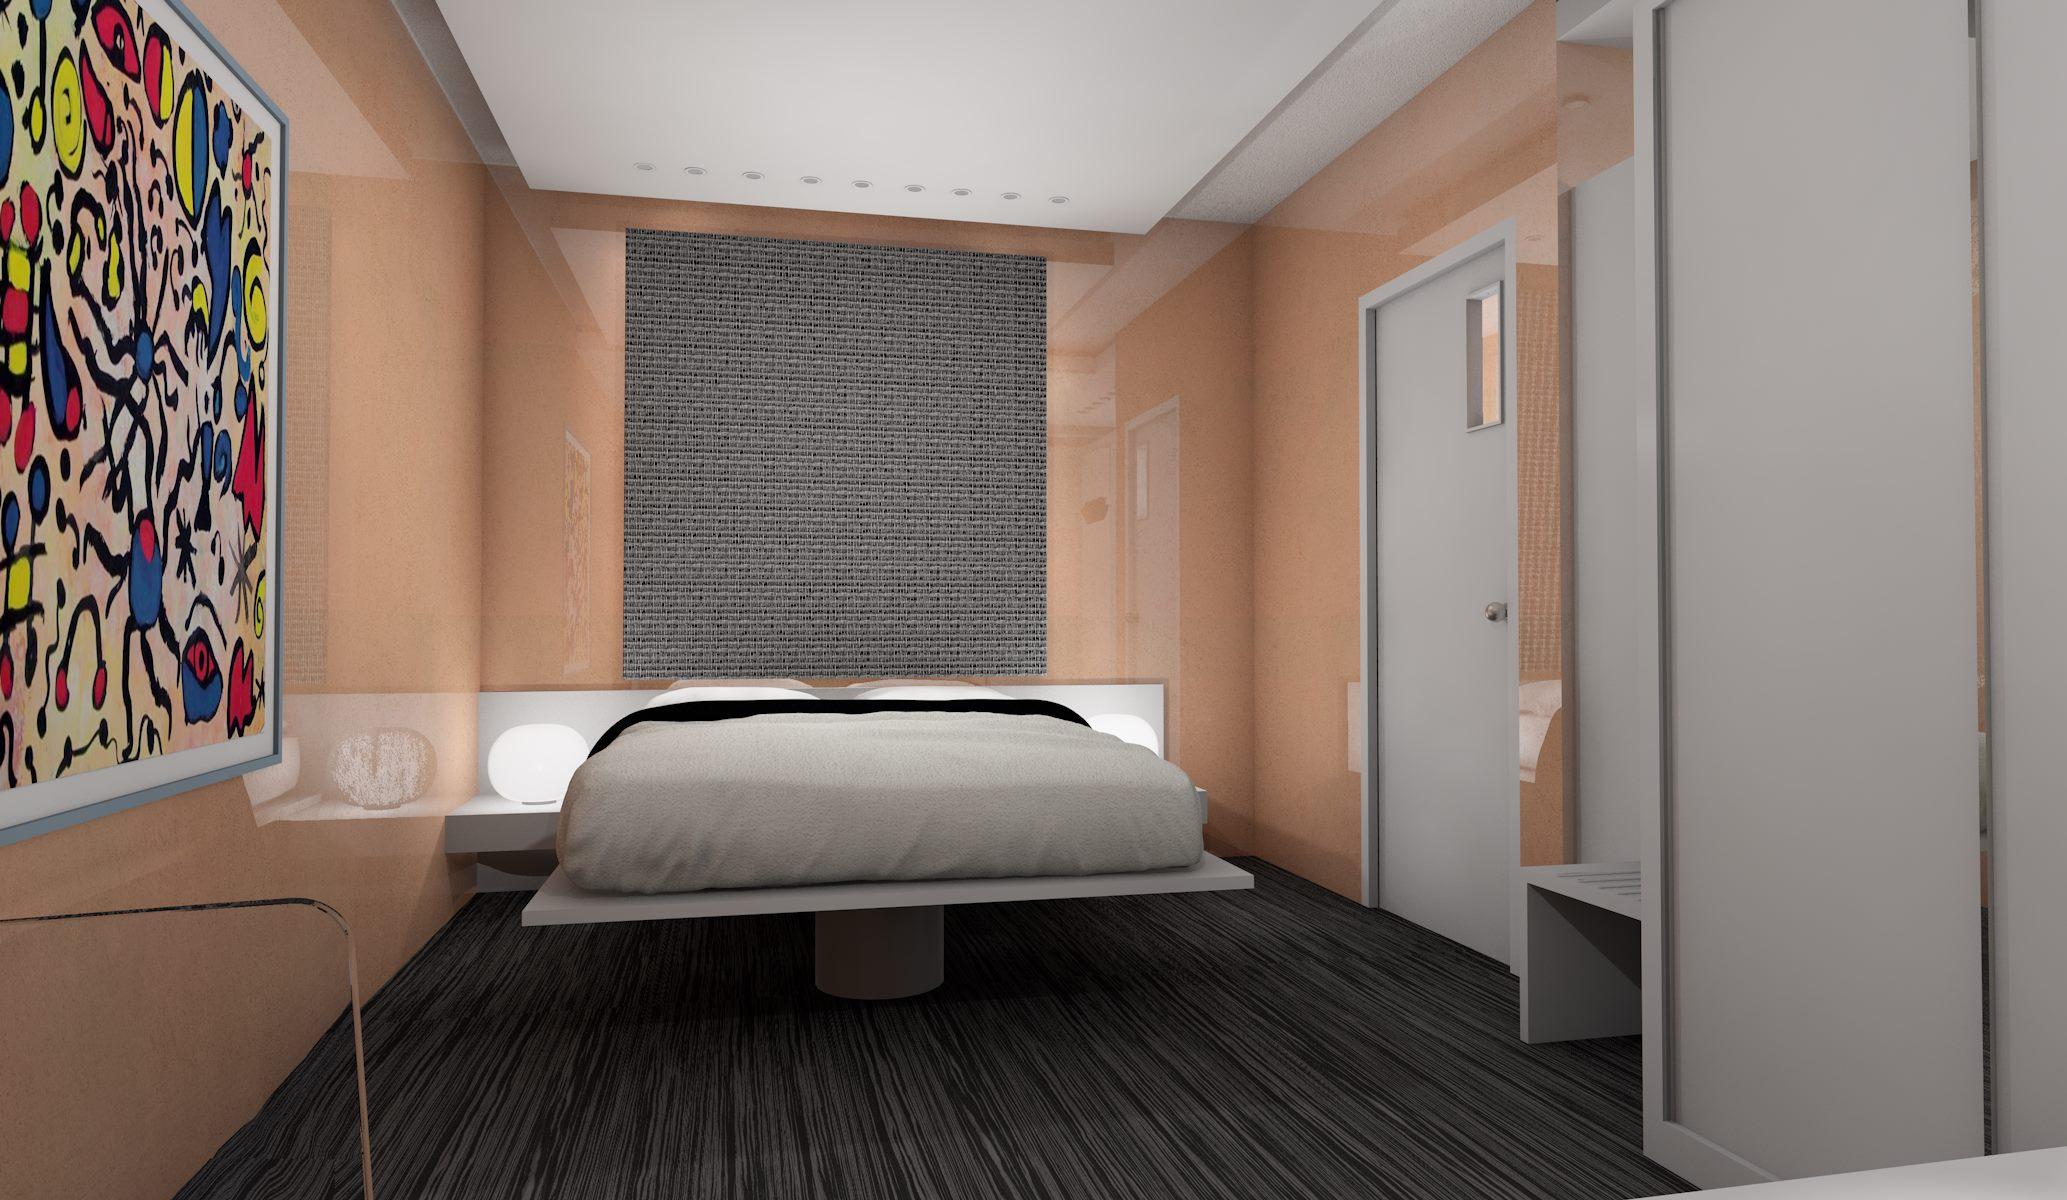 Progetto arredamento hotel contract for Arredamento hotel liguria